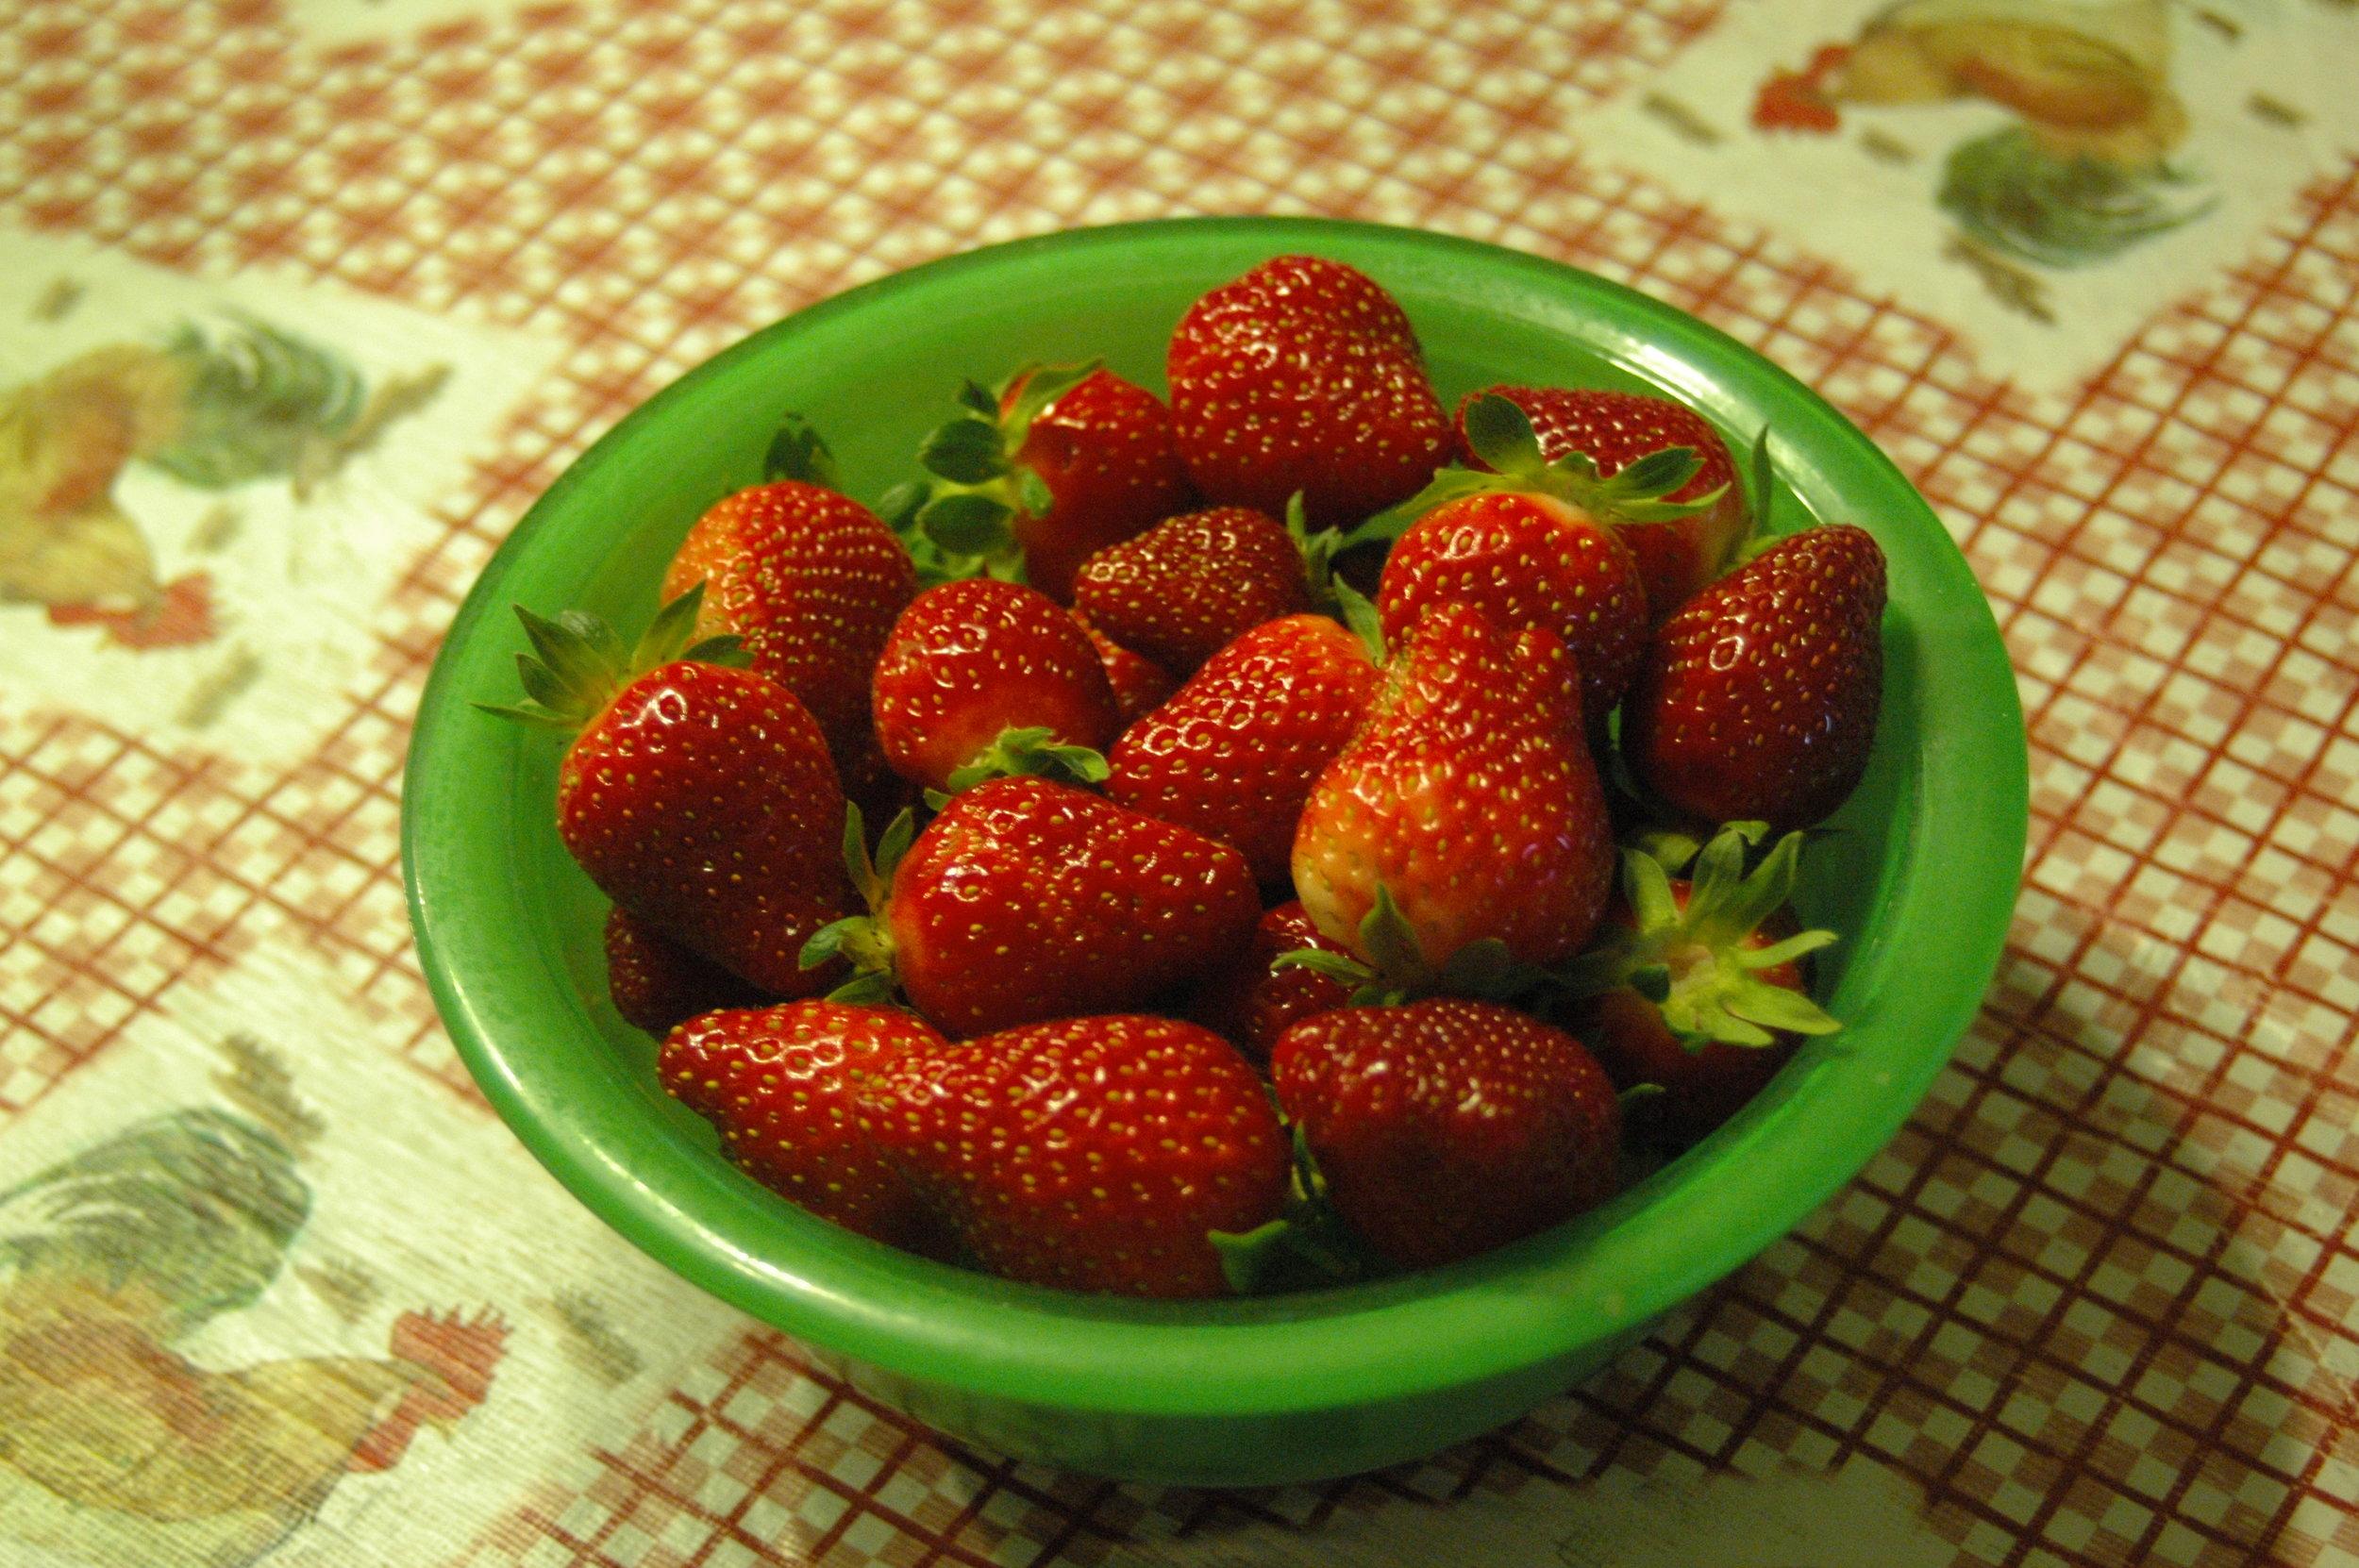 strawberries 2016.JPG